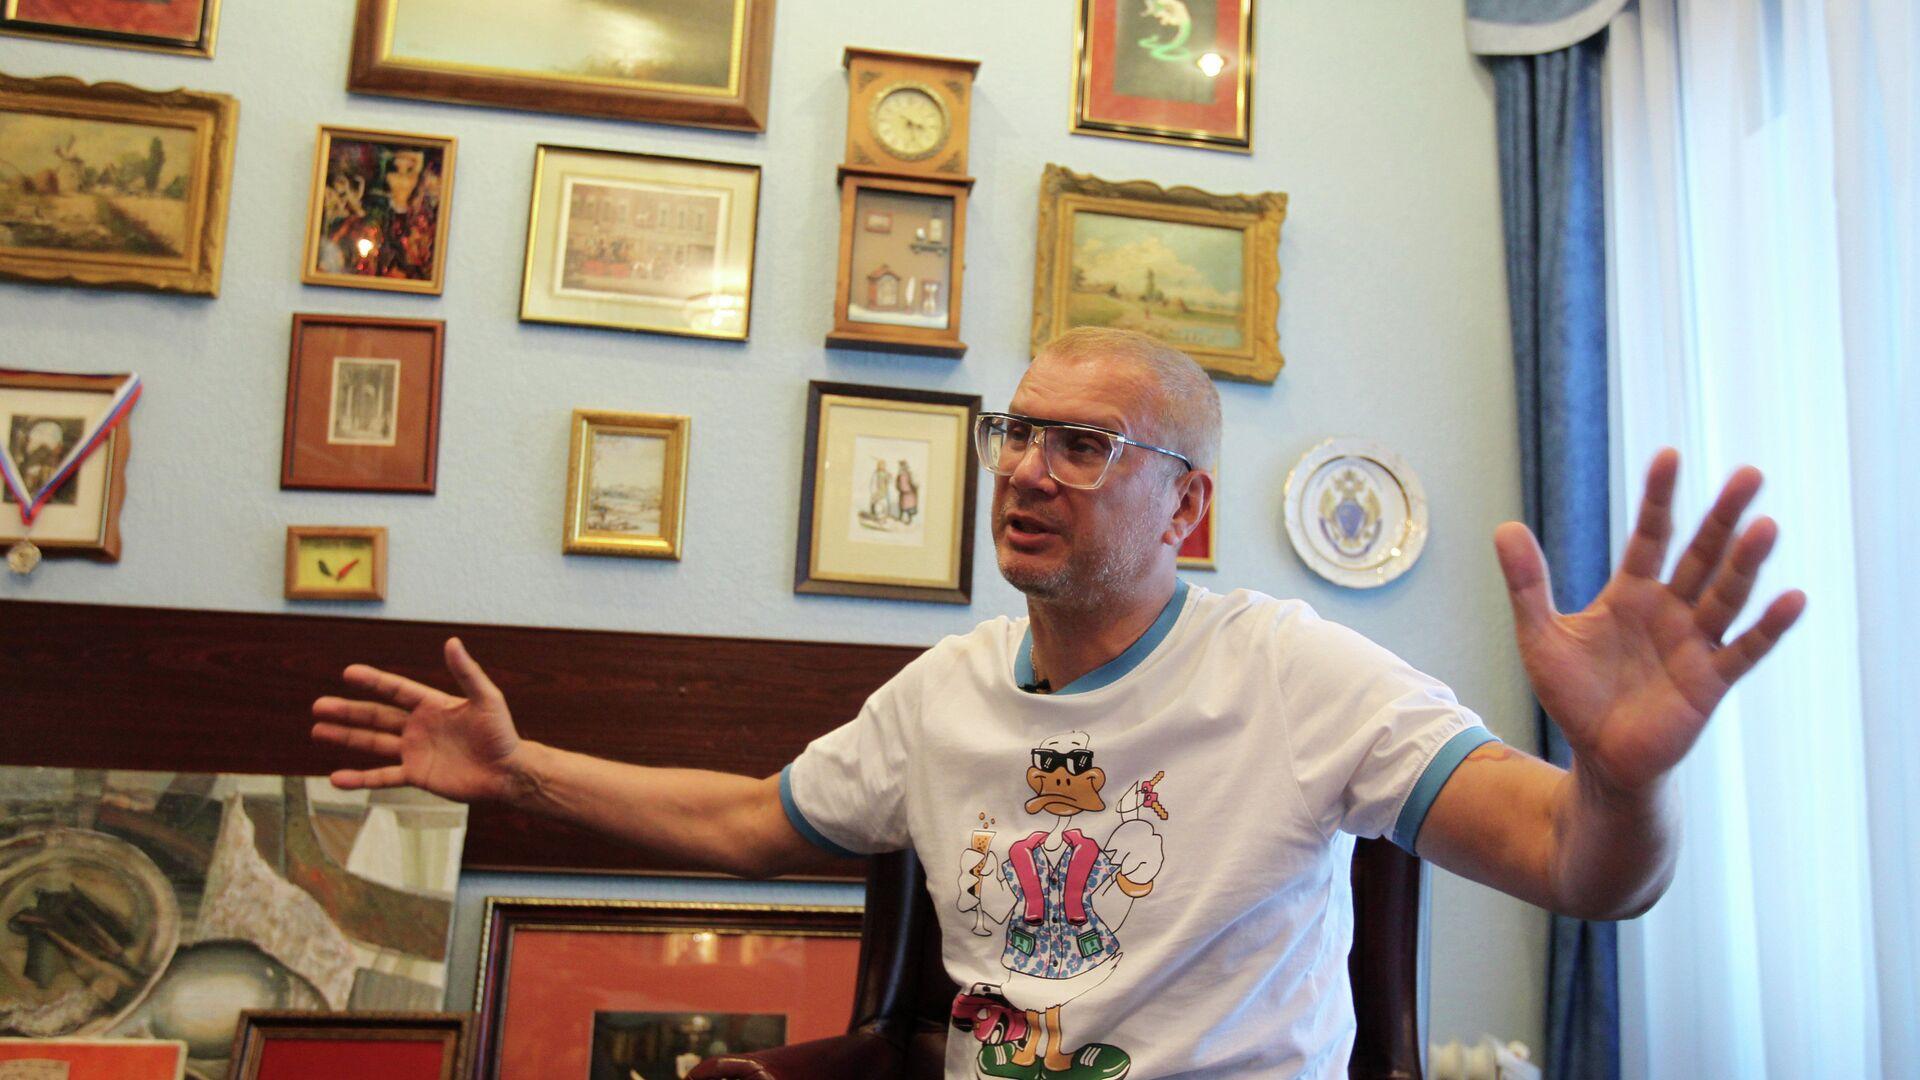 Бывший депутат Государственной Думы, лидер группы Пилигрим Андрей Ковалев в своем доме - РИА Новости, 1920, 09.09.2021